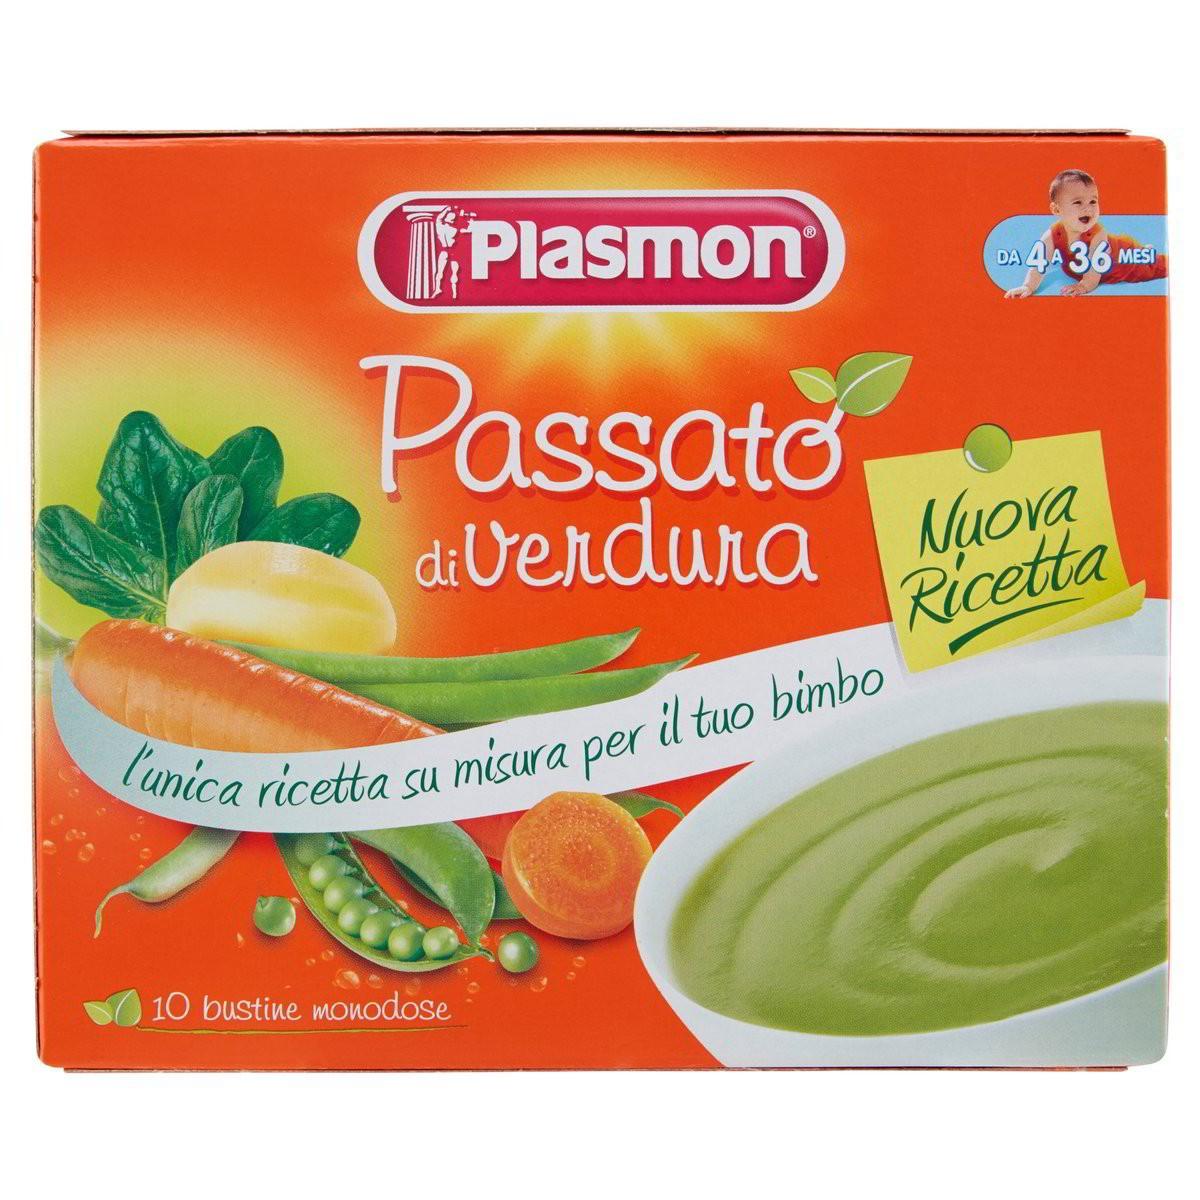 Plasmon Passato di verdure Oasi nella crescita